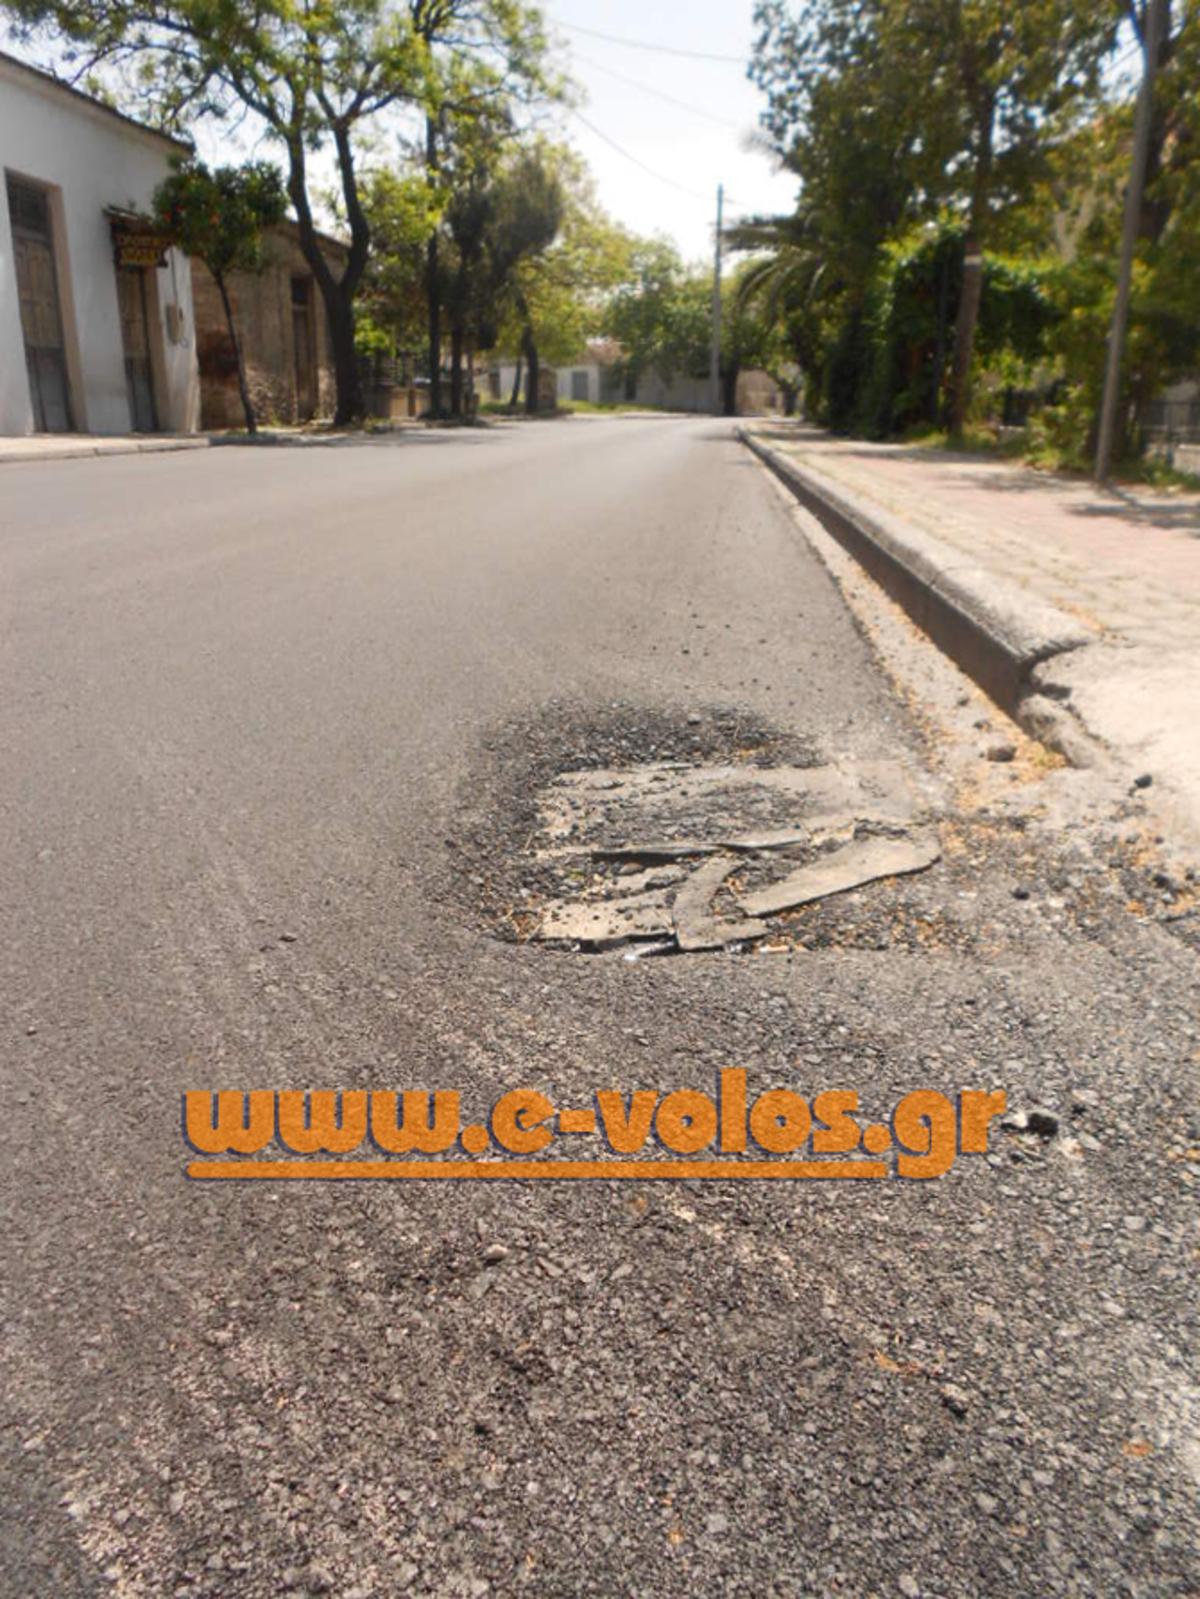 Μαγνησία: Τα έργα έκαναν τους δρόμους χειρότερους – Δείτε φωτογραφίες! | Newsit.gr